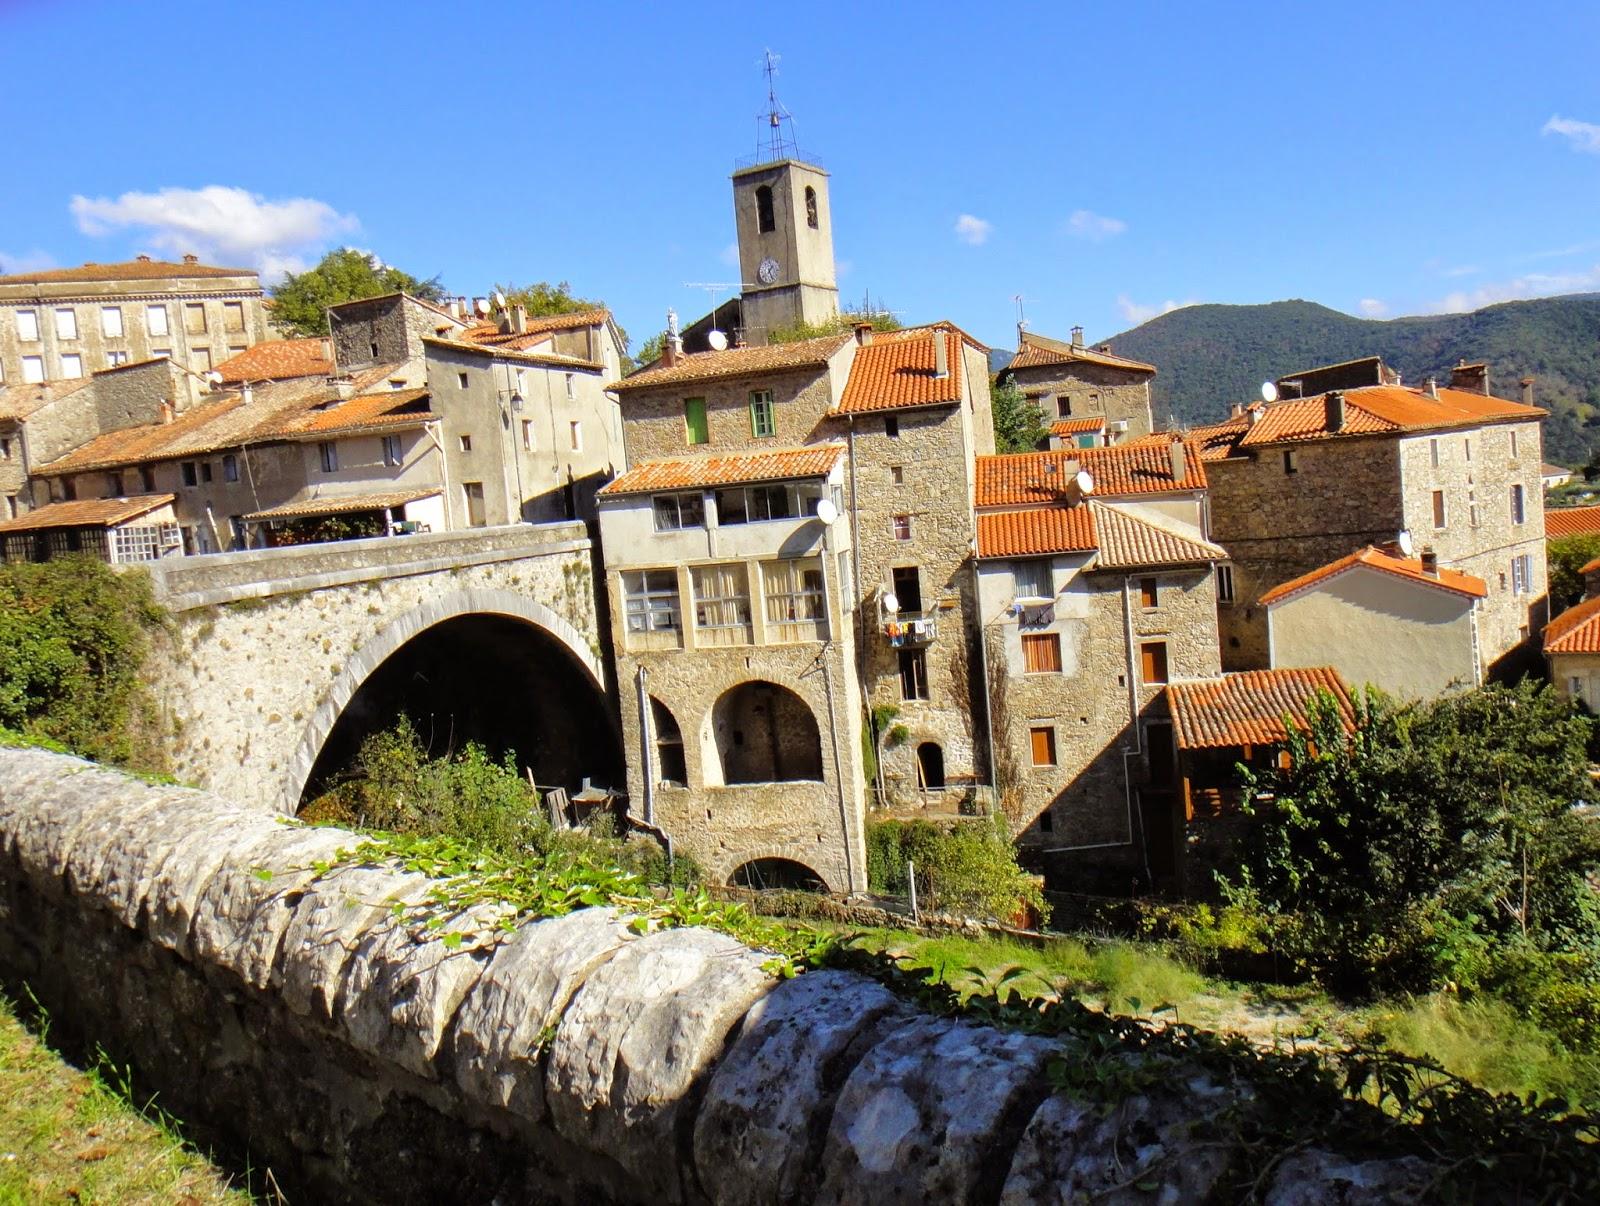 St Bloggie de Riviere Walks in the Cevennes Sentier des Rouquis